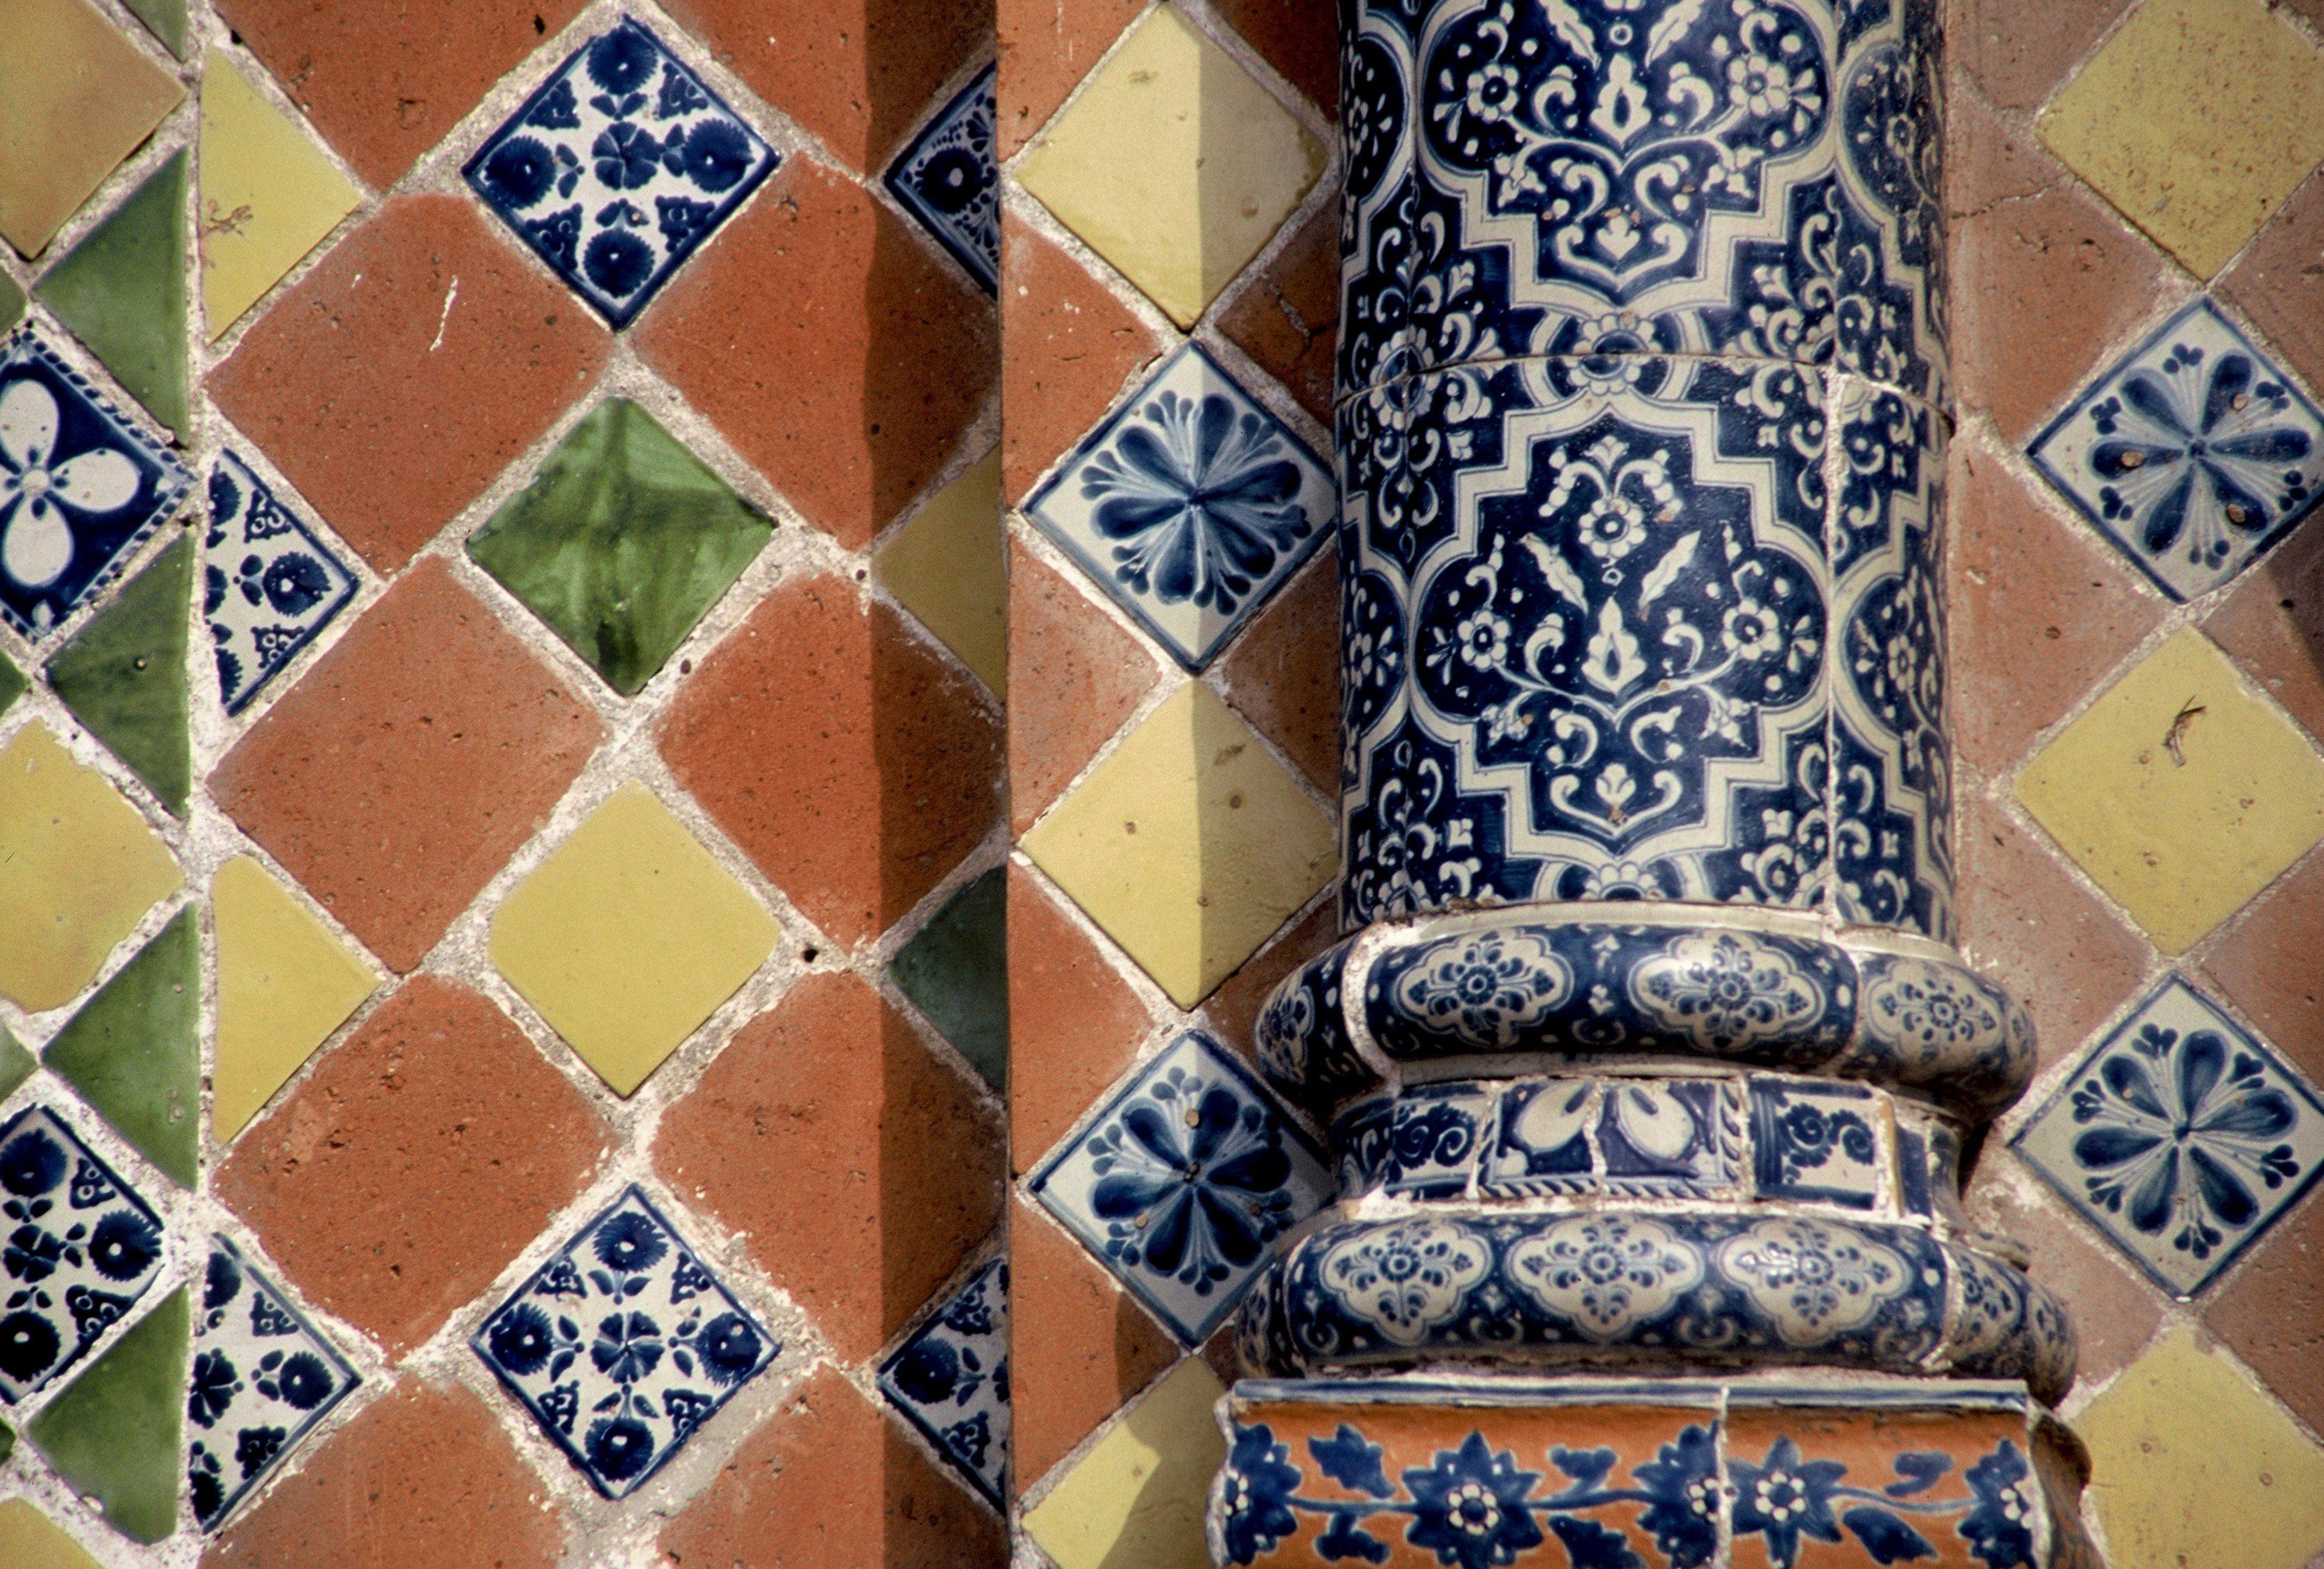 Example of traditional Talavera ceramic tiles on a building in Puebla, Mexio